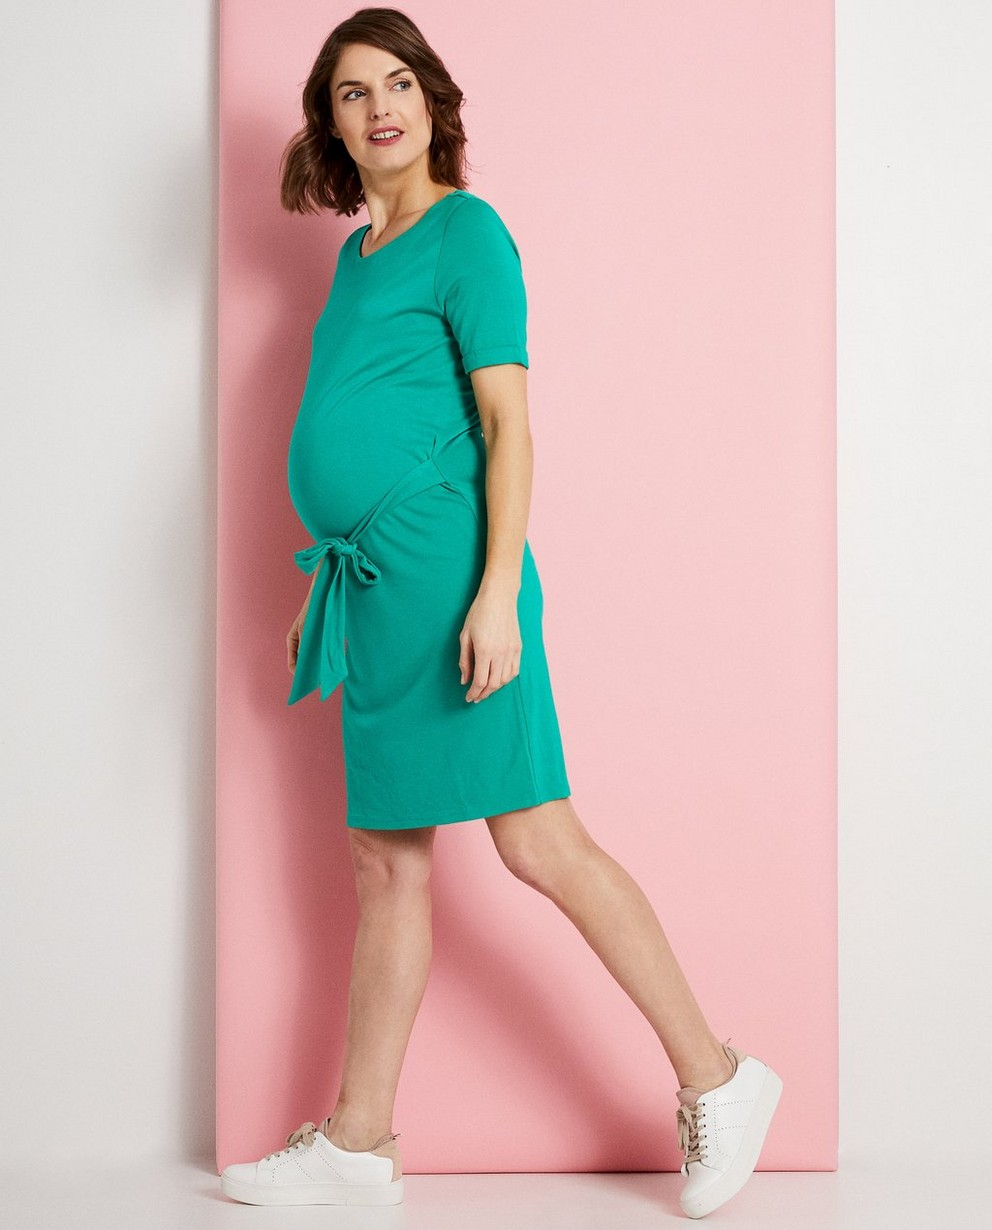 Groene zwangerschapsjurk - bevat viscose - Joli Ronde